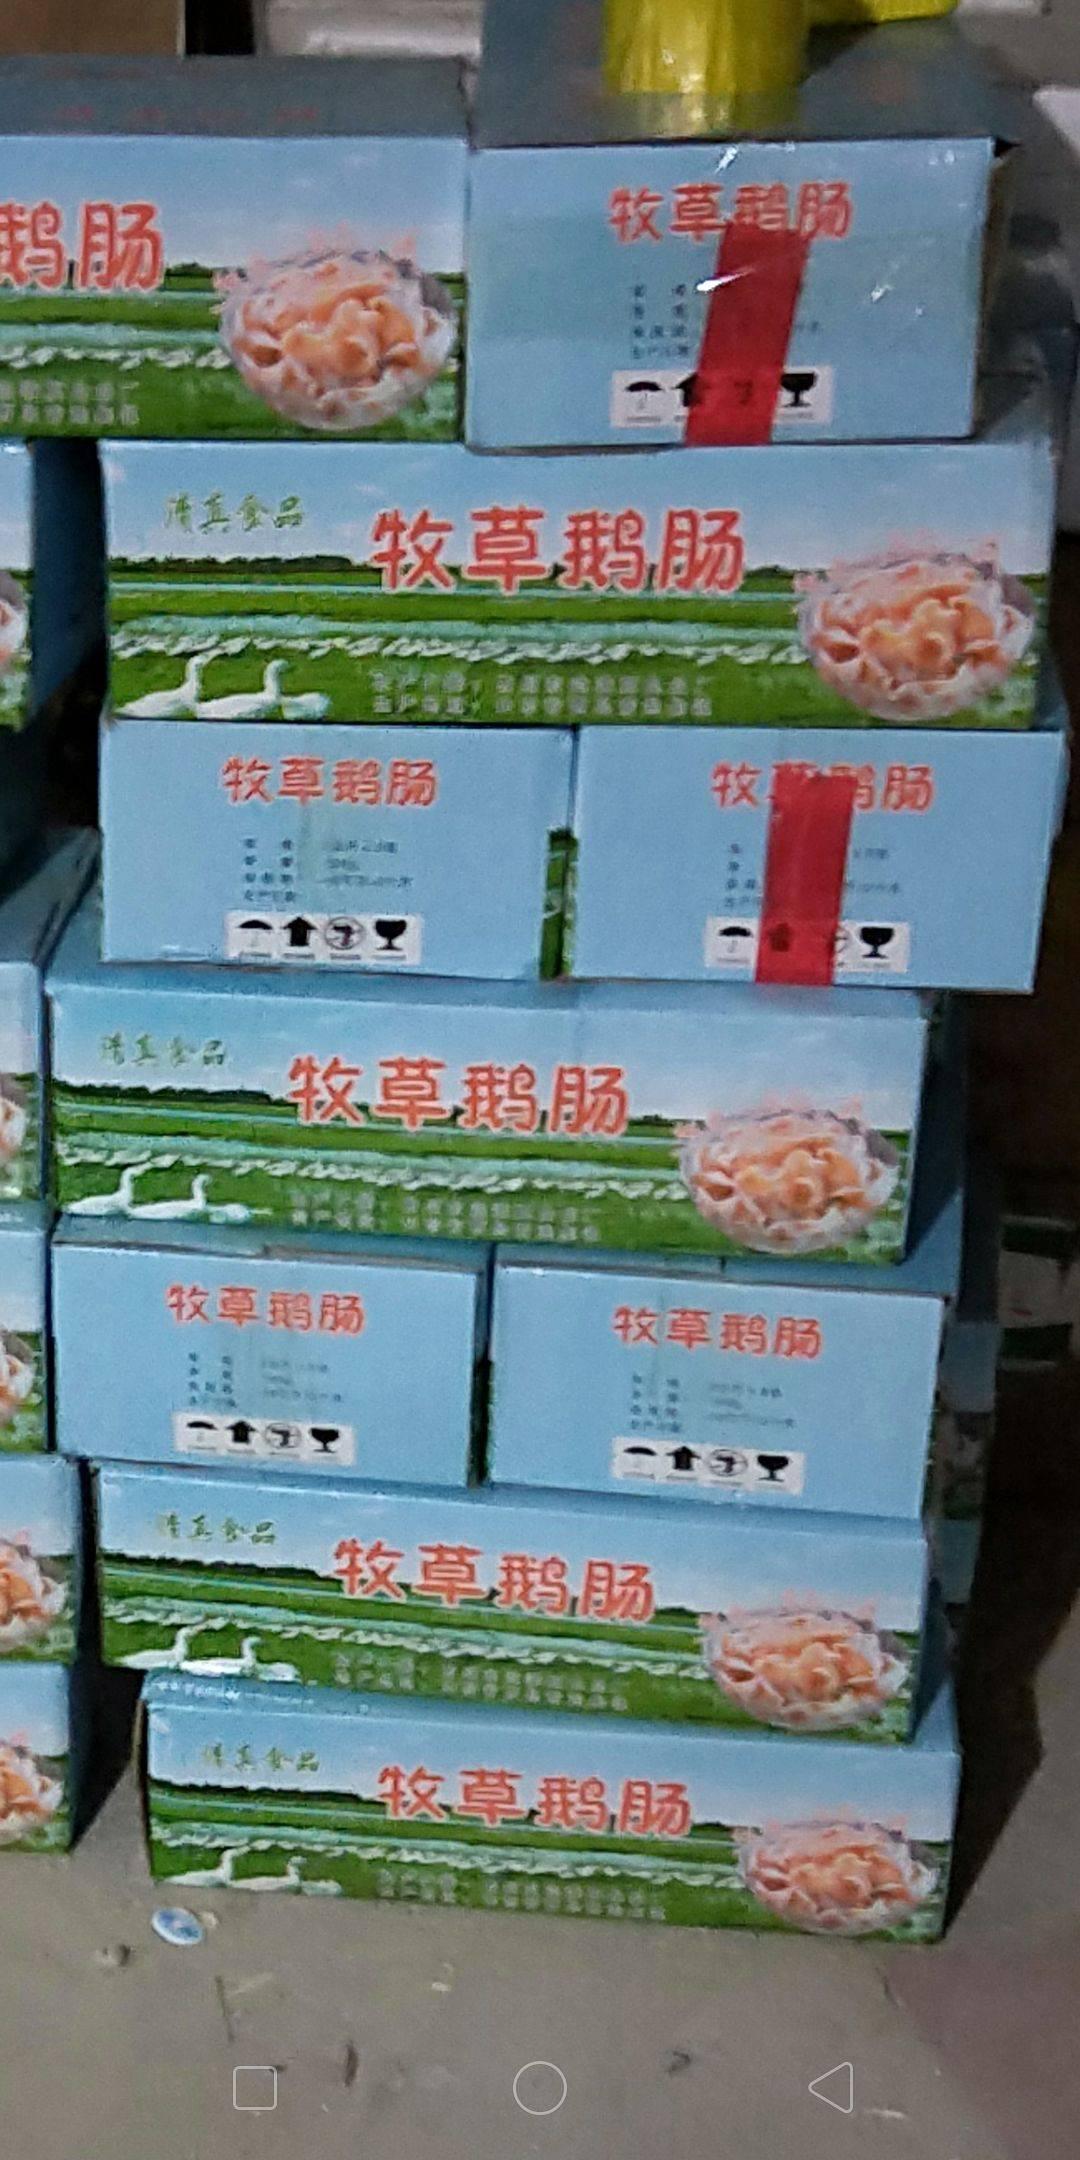 [鹅肠批发] 新鲜冷冻鹅肠价格380元/箱